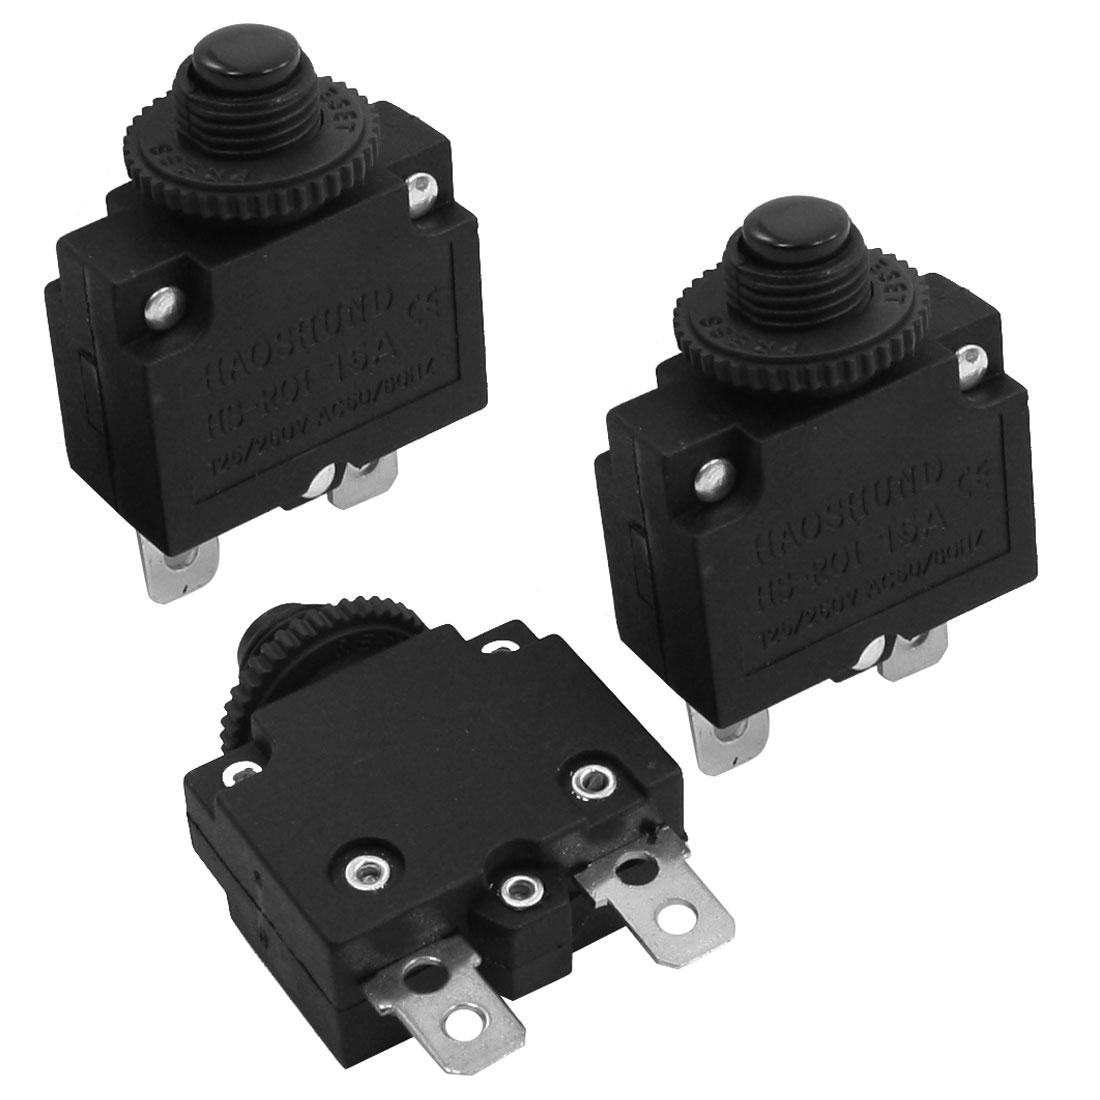 3Pcs AC 125V/250V 15A Reset Circuit Breaker Overload Protectors